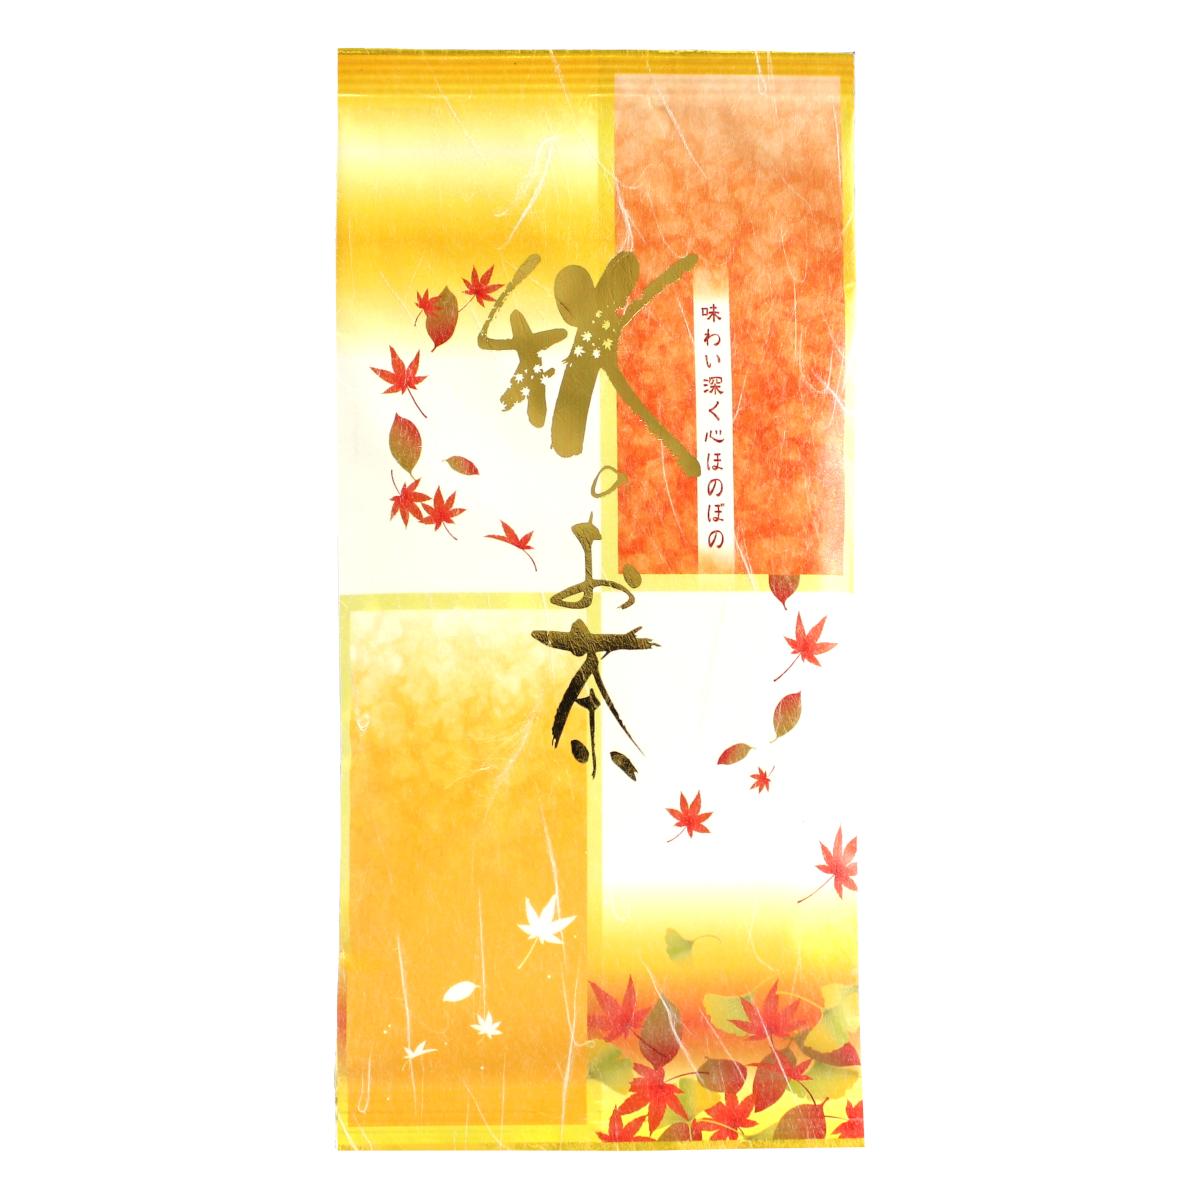 ☆秋季限定品☆【278】秋のお茶(抹茶入り深むし茶) 100g 【メール便可】